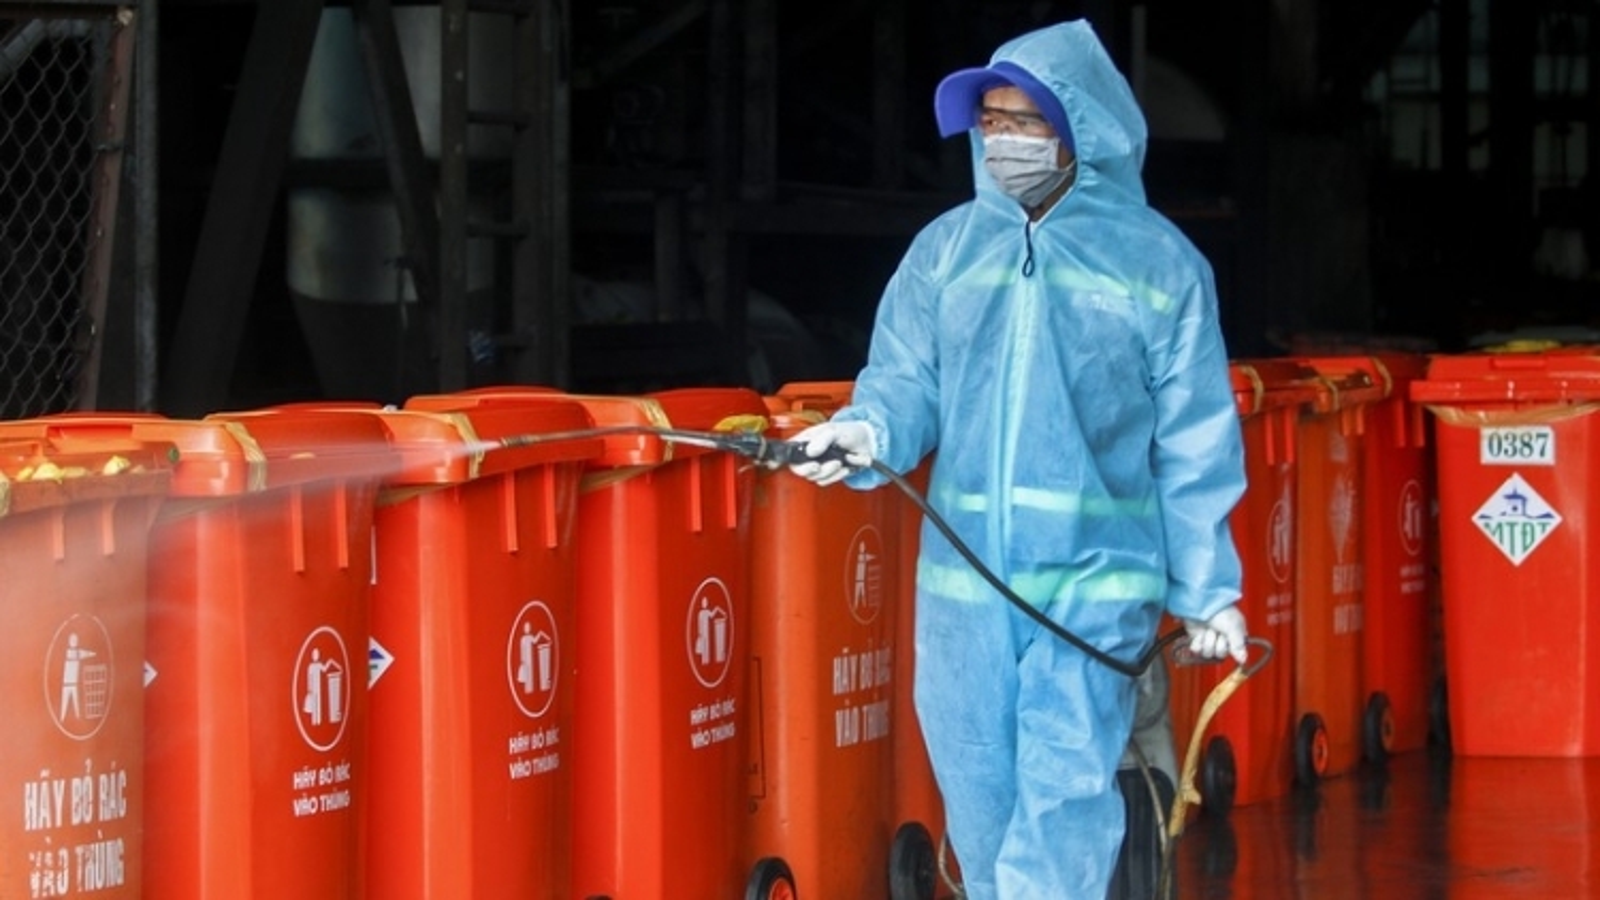 TP.HCM xử lý rác thải tại những khu vực cách ly, phong toả như chất thải nguy hại